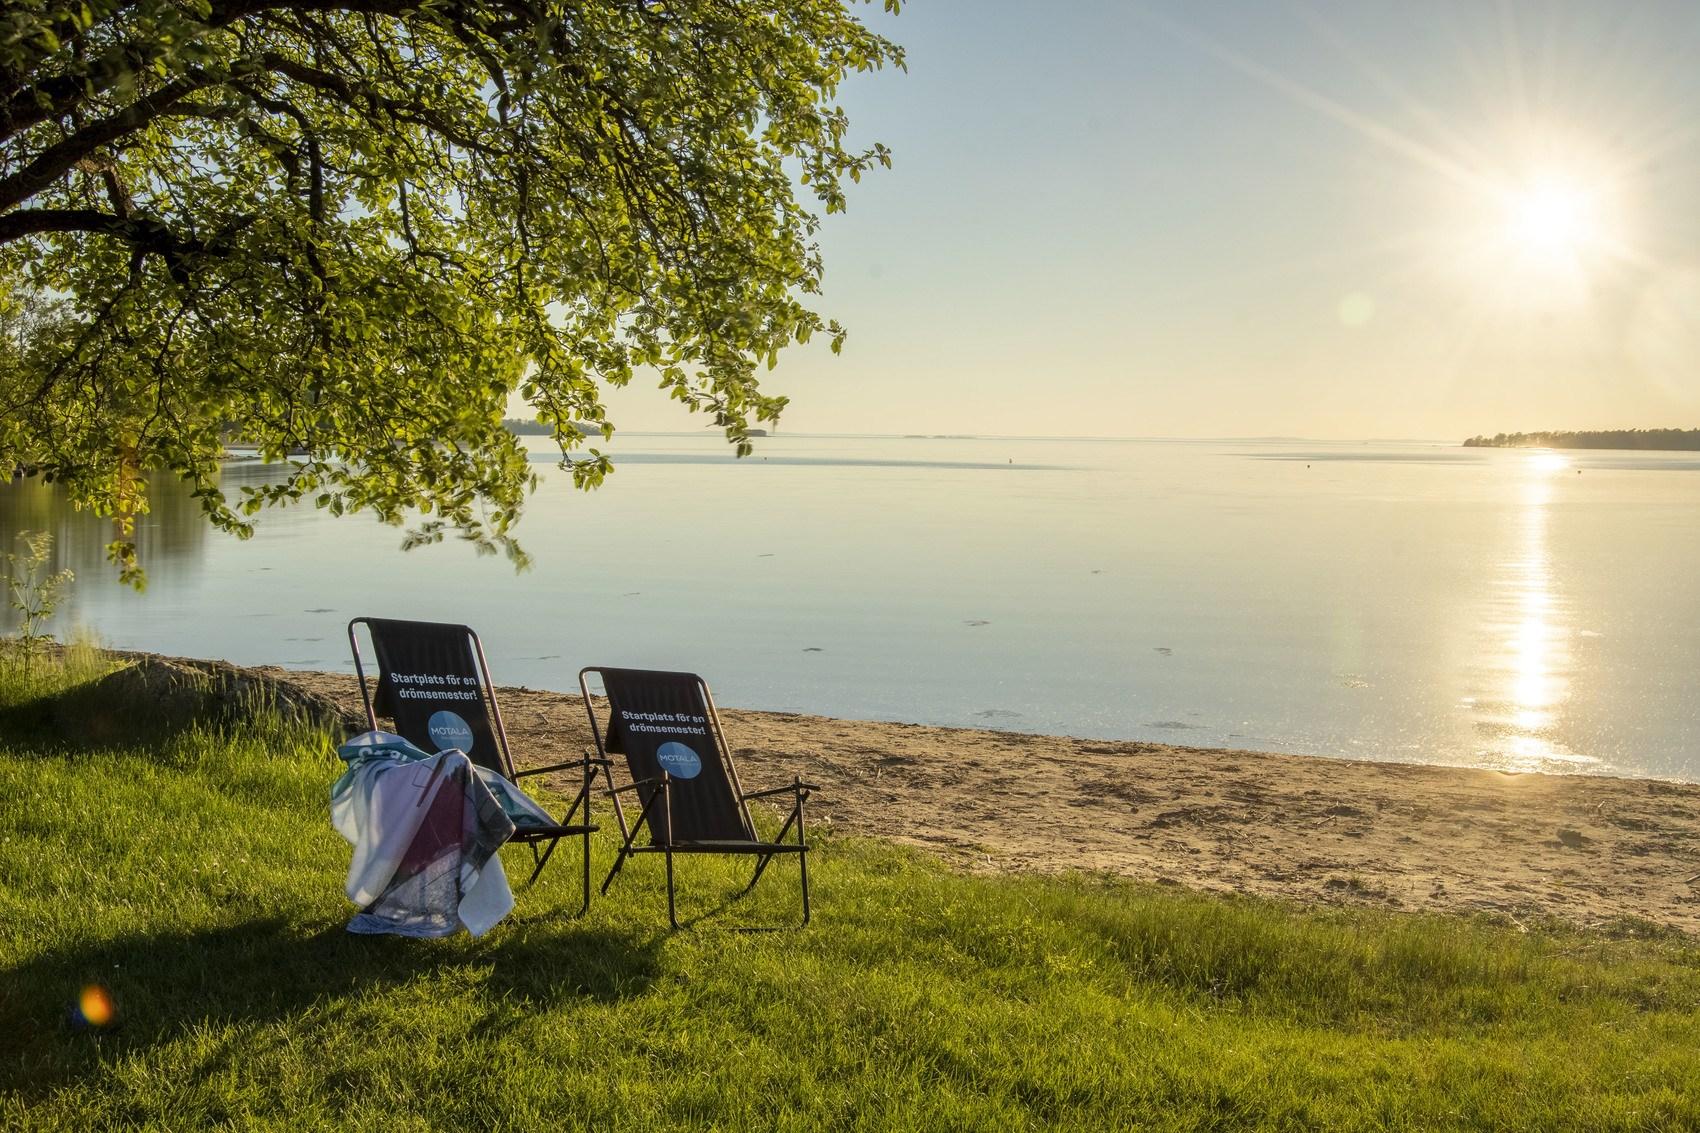 Två svarta solstolar ståendes på en gräsyta under ett stort grönt träd, sandstrand och en stilla sjö i bakgrunden.